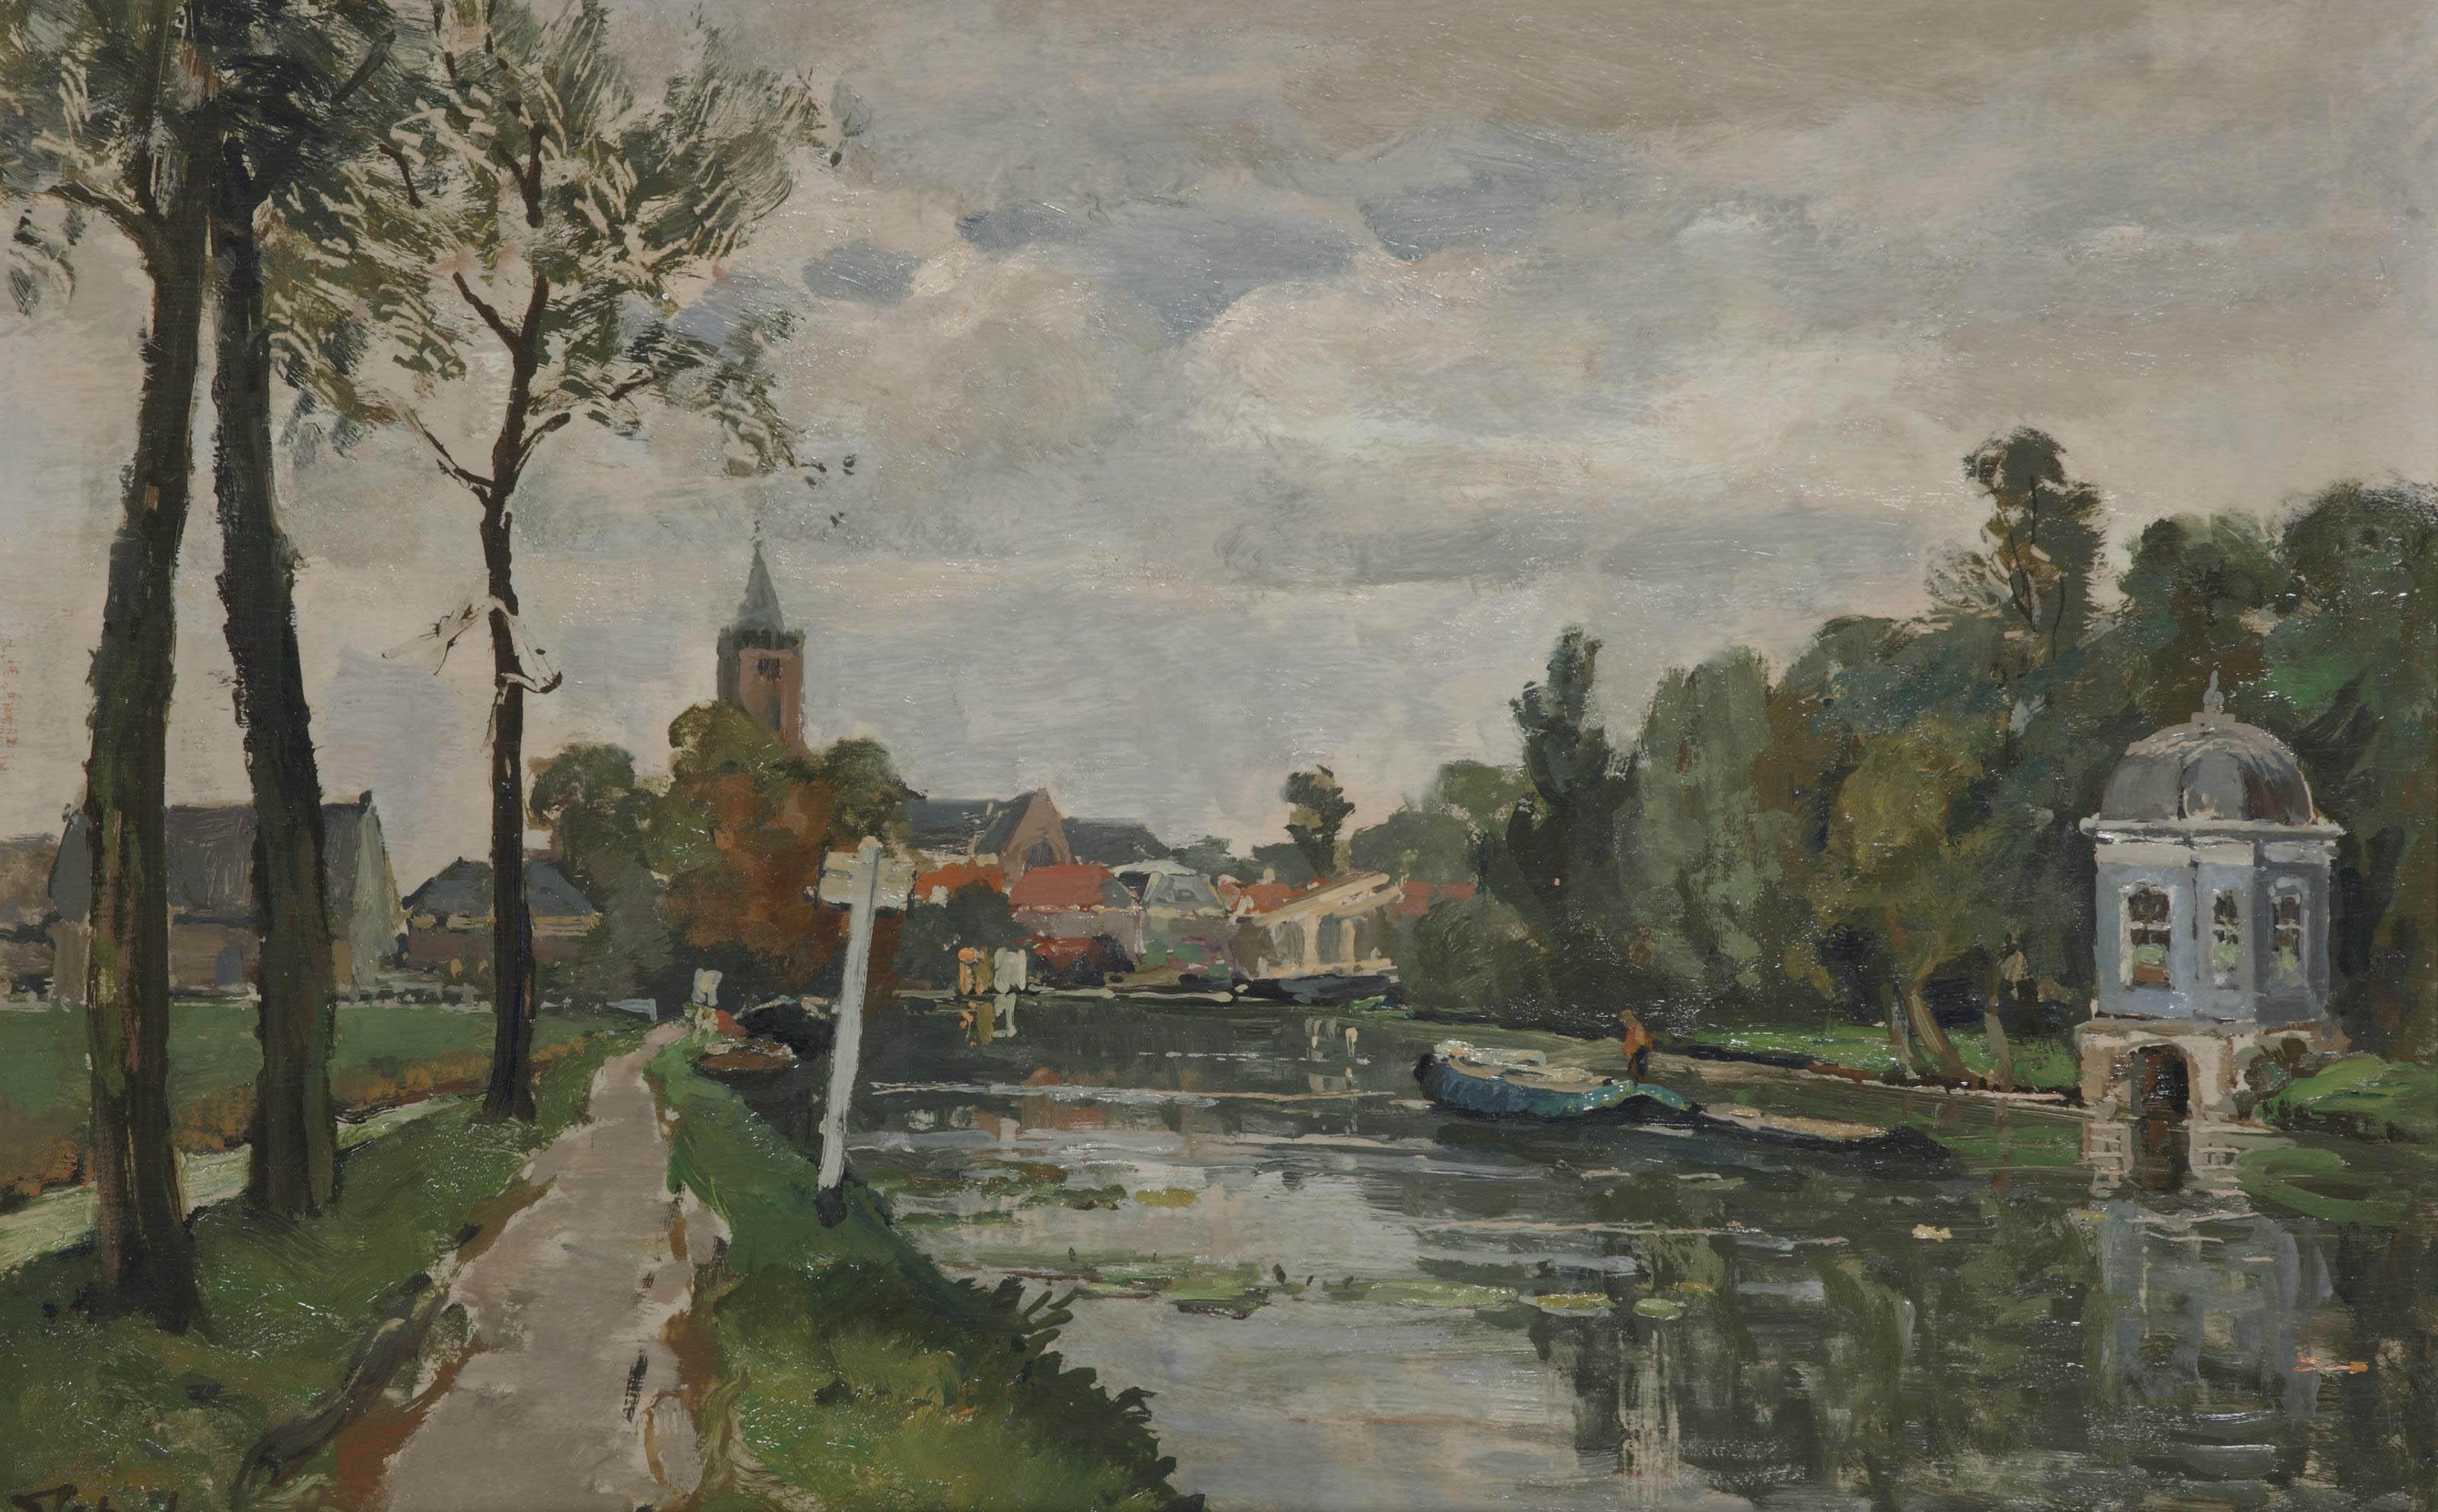 The Jaagpad, Loenen aan de Vecht